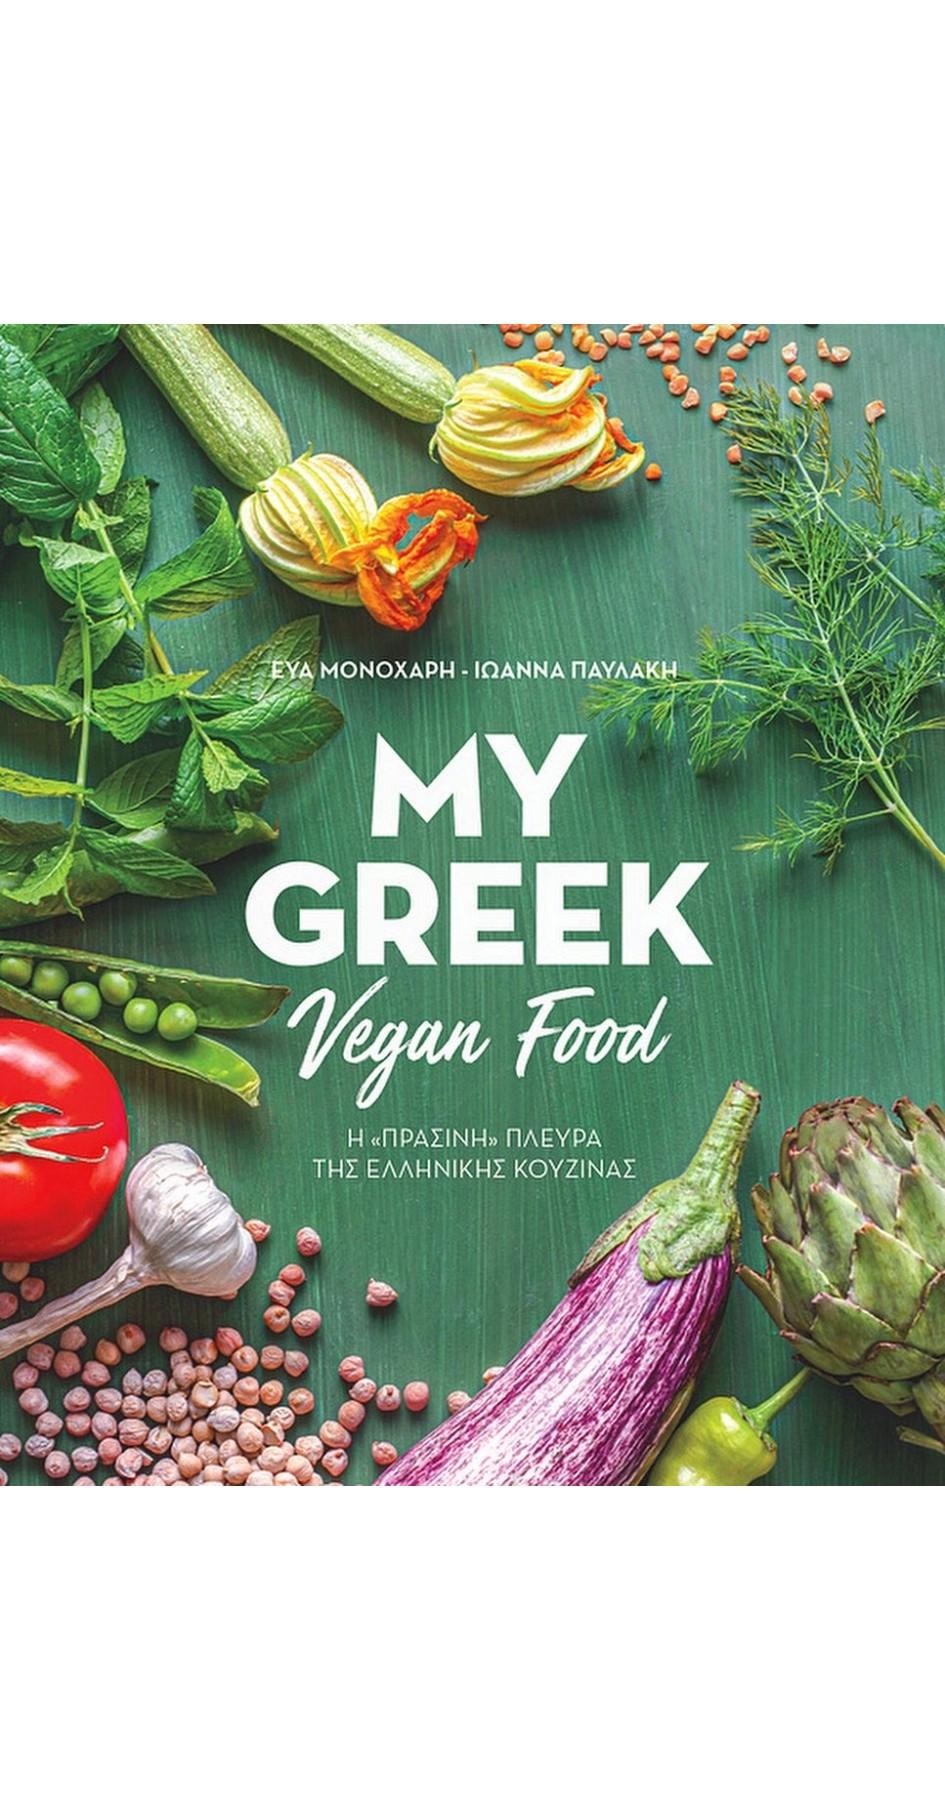 My Greek Vegan Food (Eng)